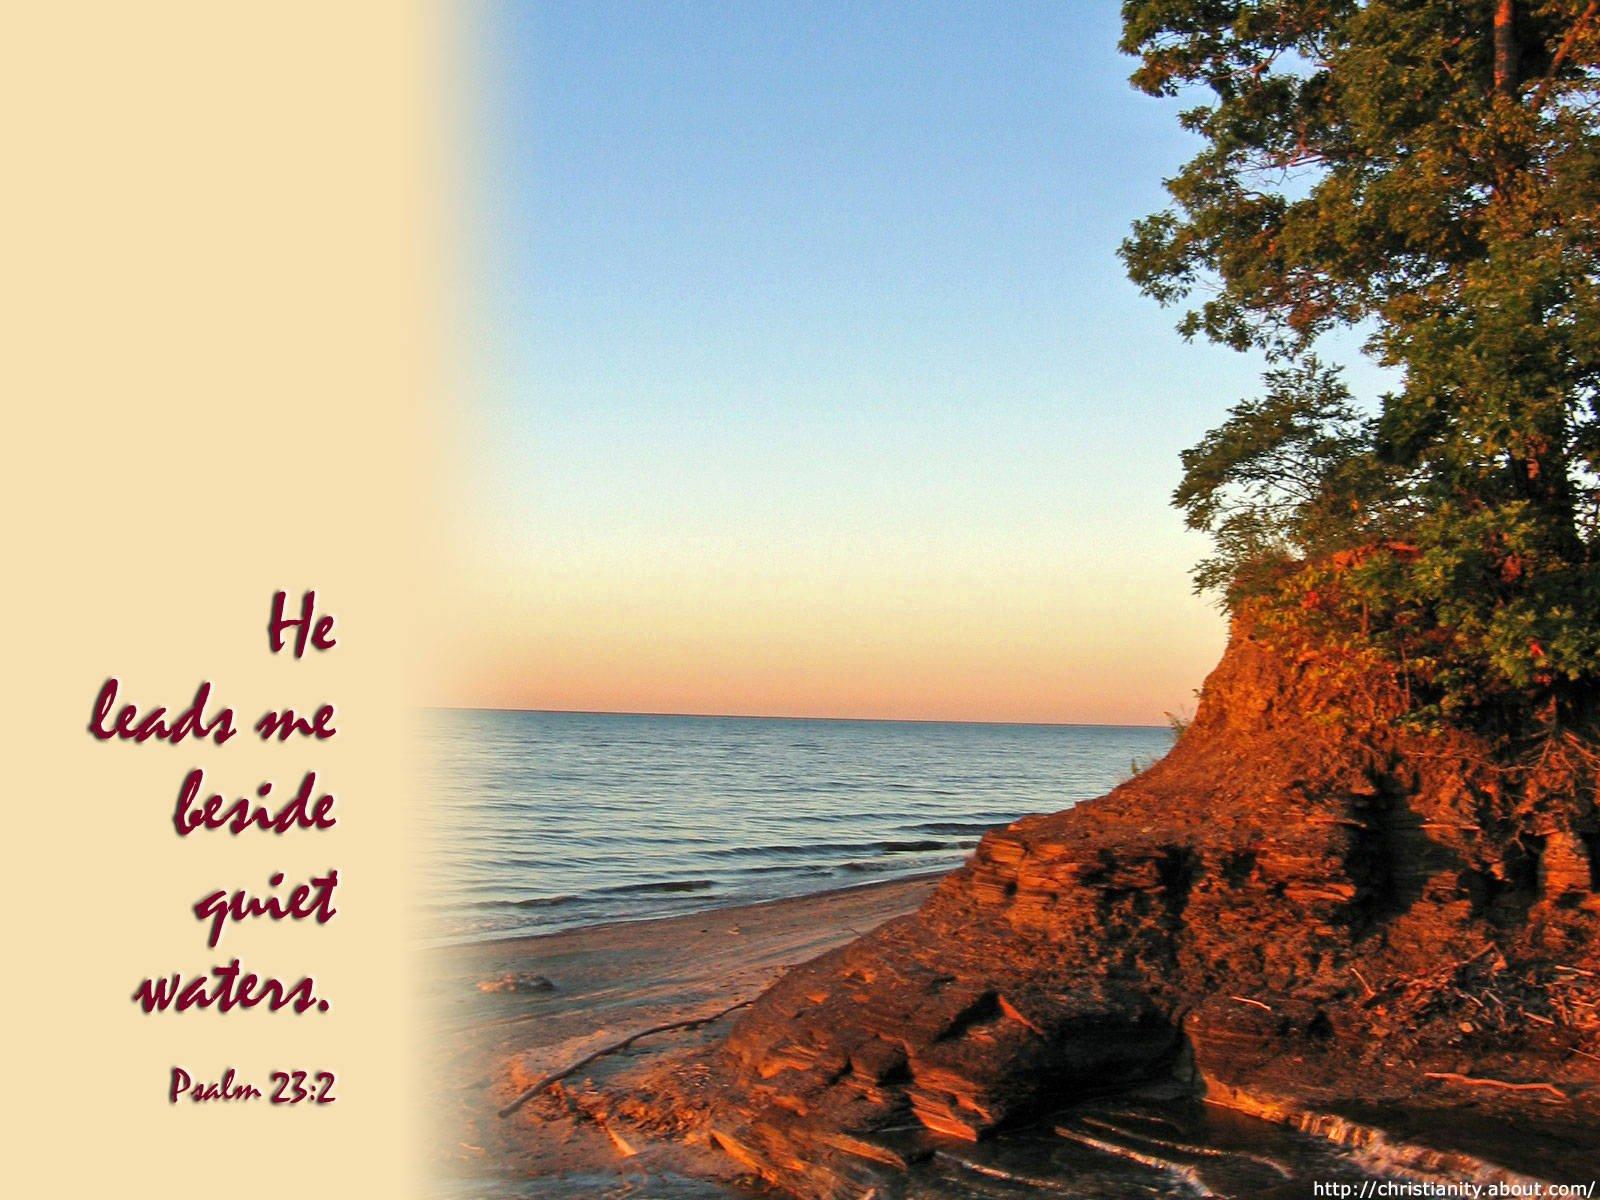 Bible verse screensaver wallpaper wallpapersafari - Christian wallpapers and screensavers free download ...